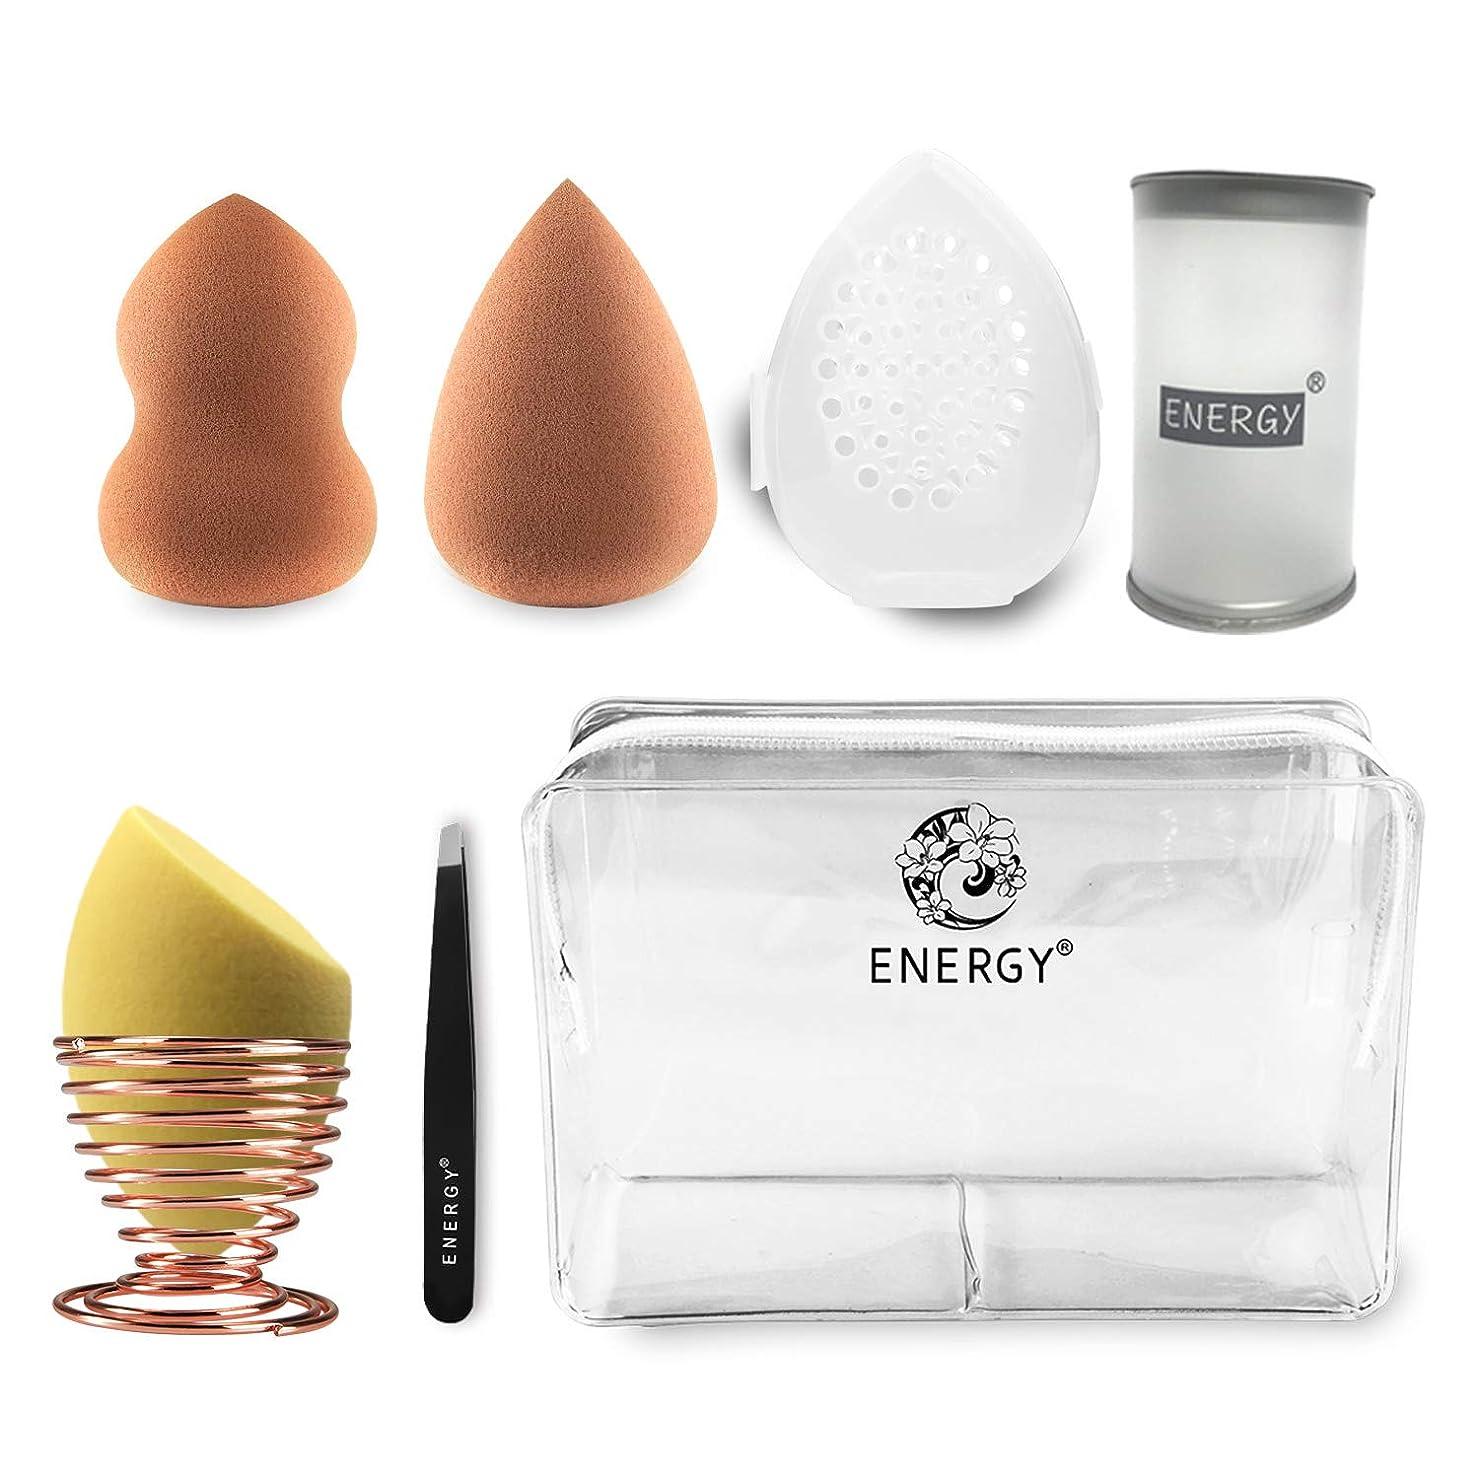 壮大明日格差ENERGY 多機能メイク用スポンジパフ (ゴールデン/褐色) スポンジメイク 化粧パフ パウダーパフセット PVC収納袋を送る